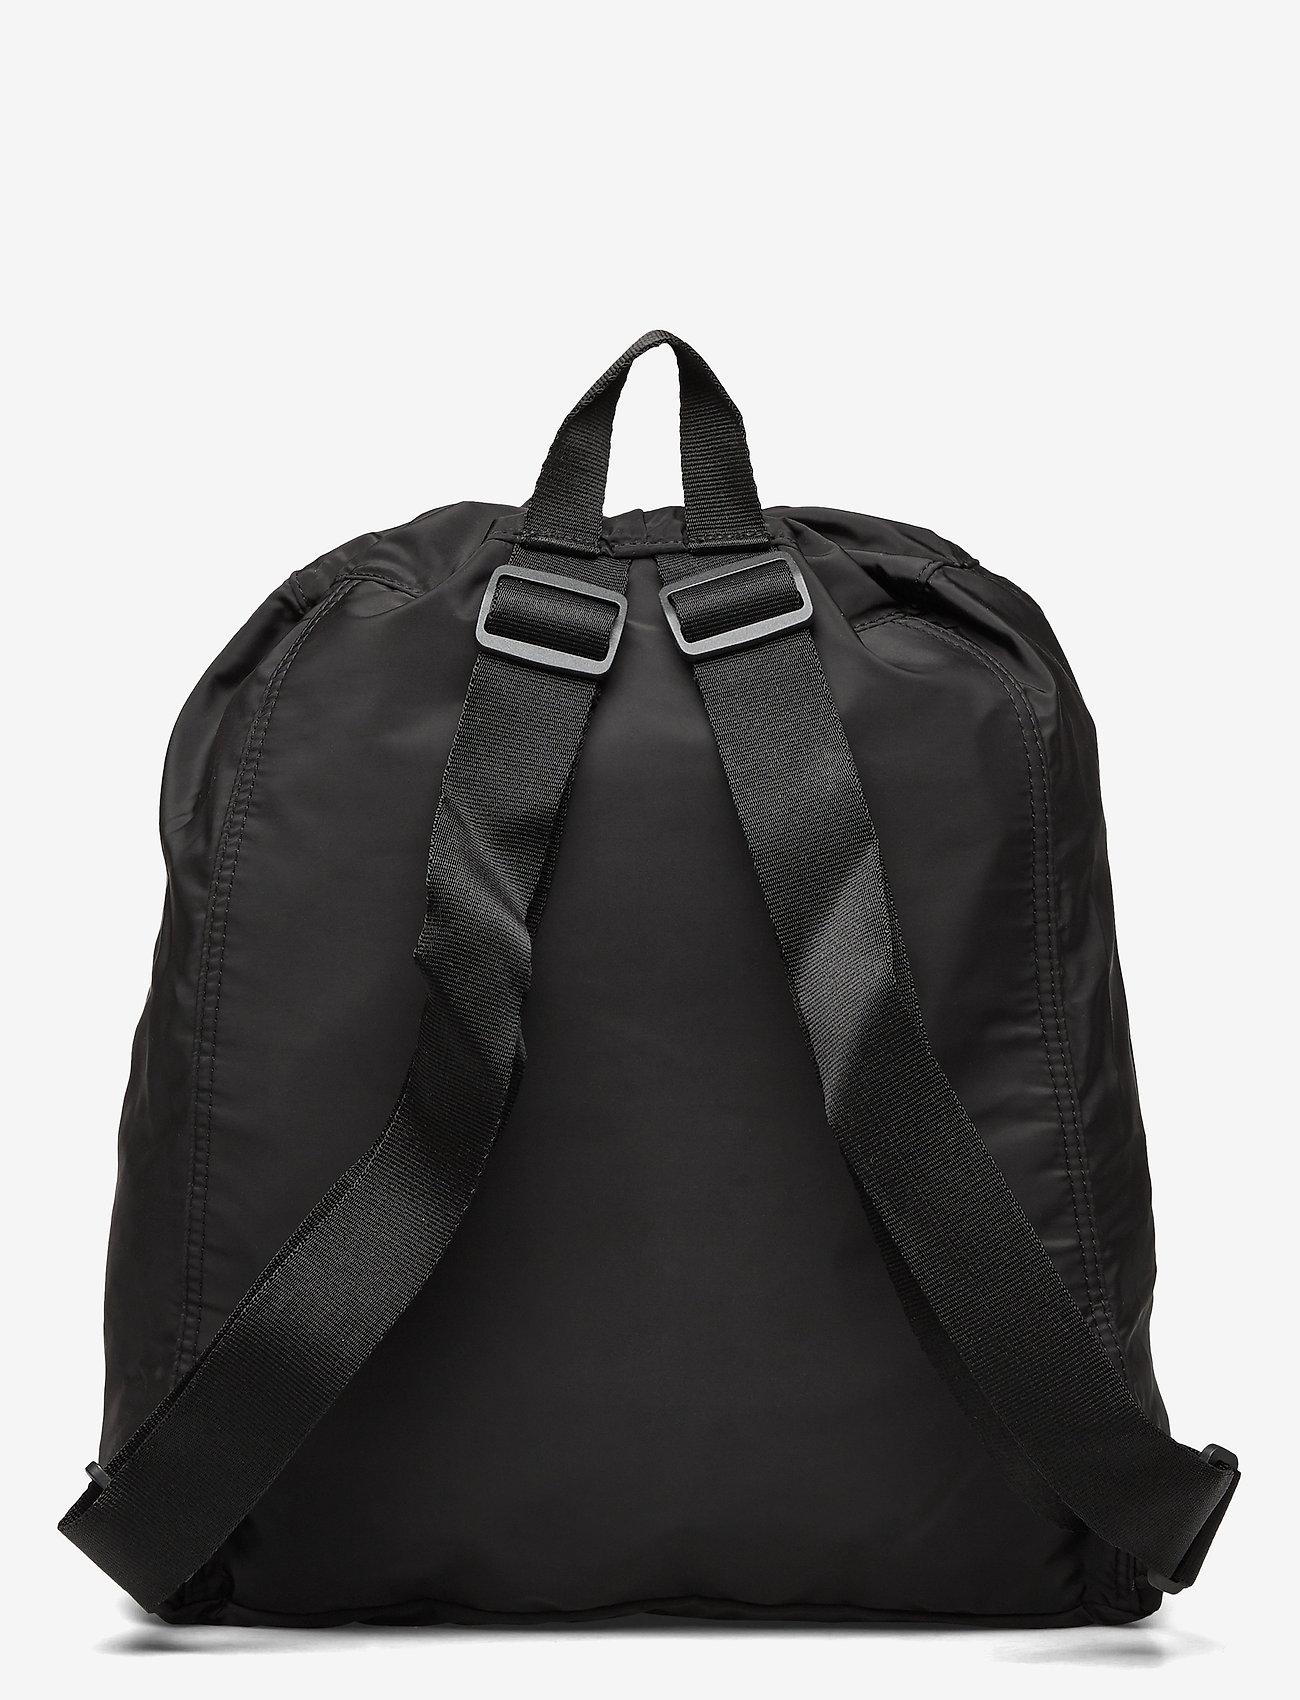 adidas by Stella McCartney - GYMSACK - gymtassen - black/black/white - 1